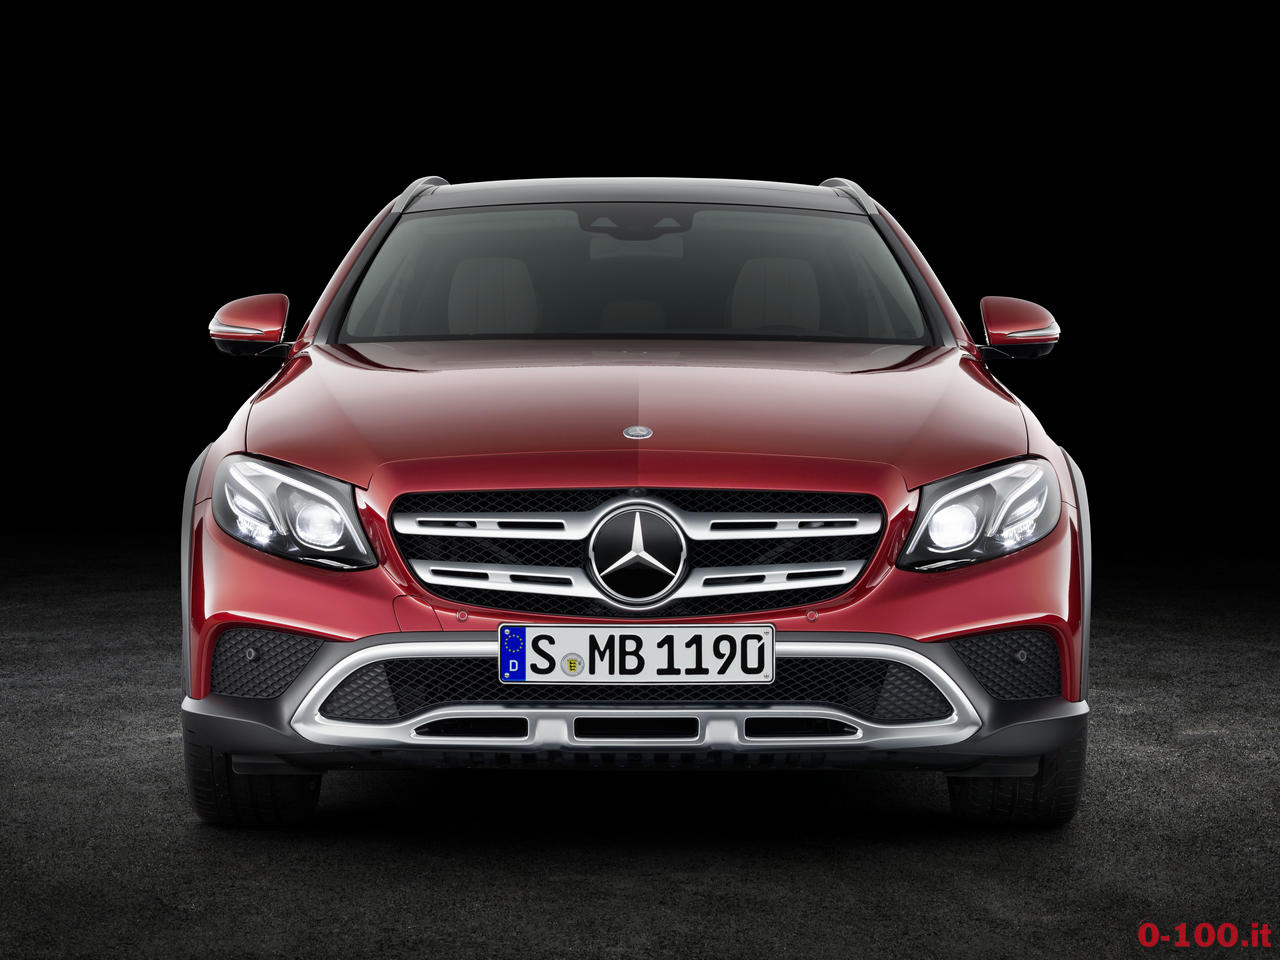 mercedes-benz-e-class-all-terrain-prezzo-price_0-100-3